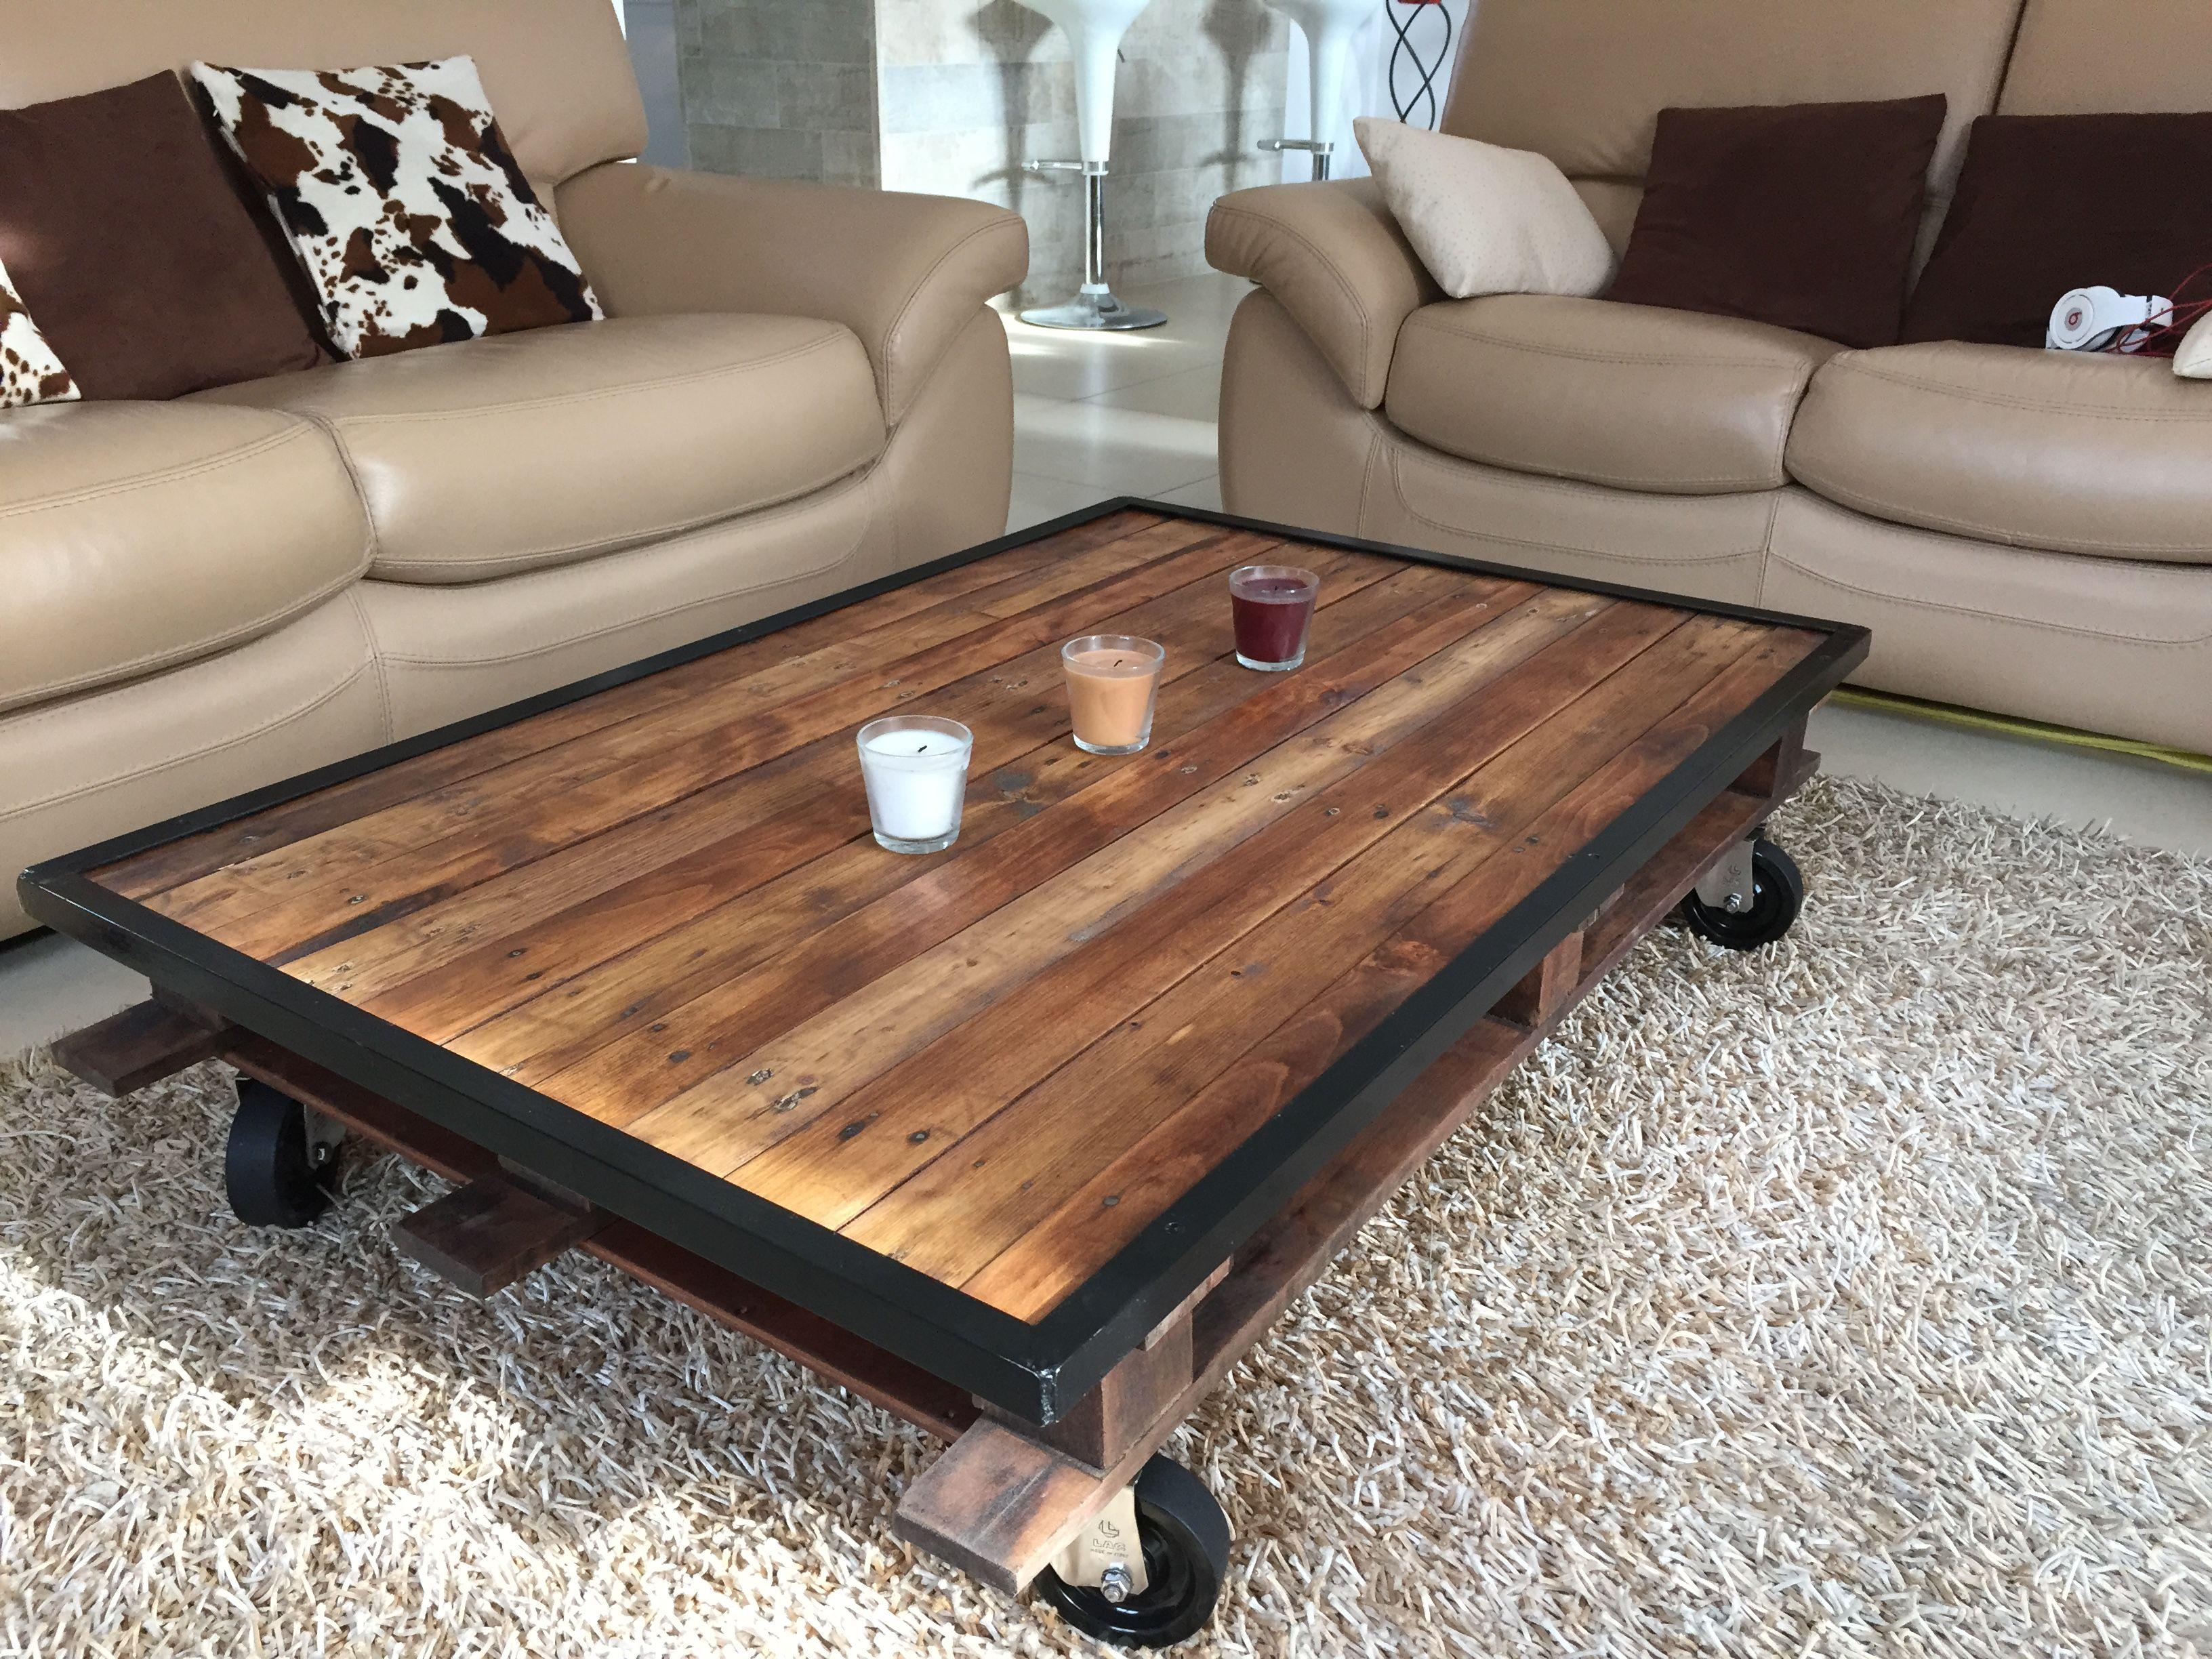 Industriel Table Basse Palette table palette avec cornière acier noir   table basse